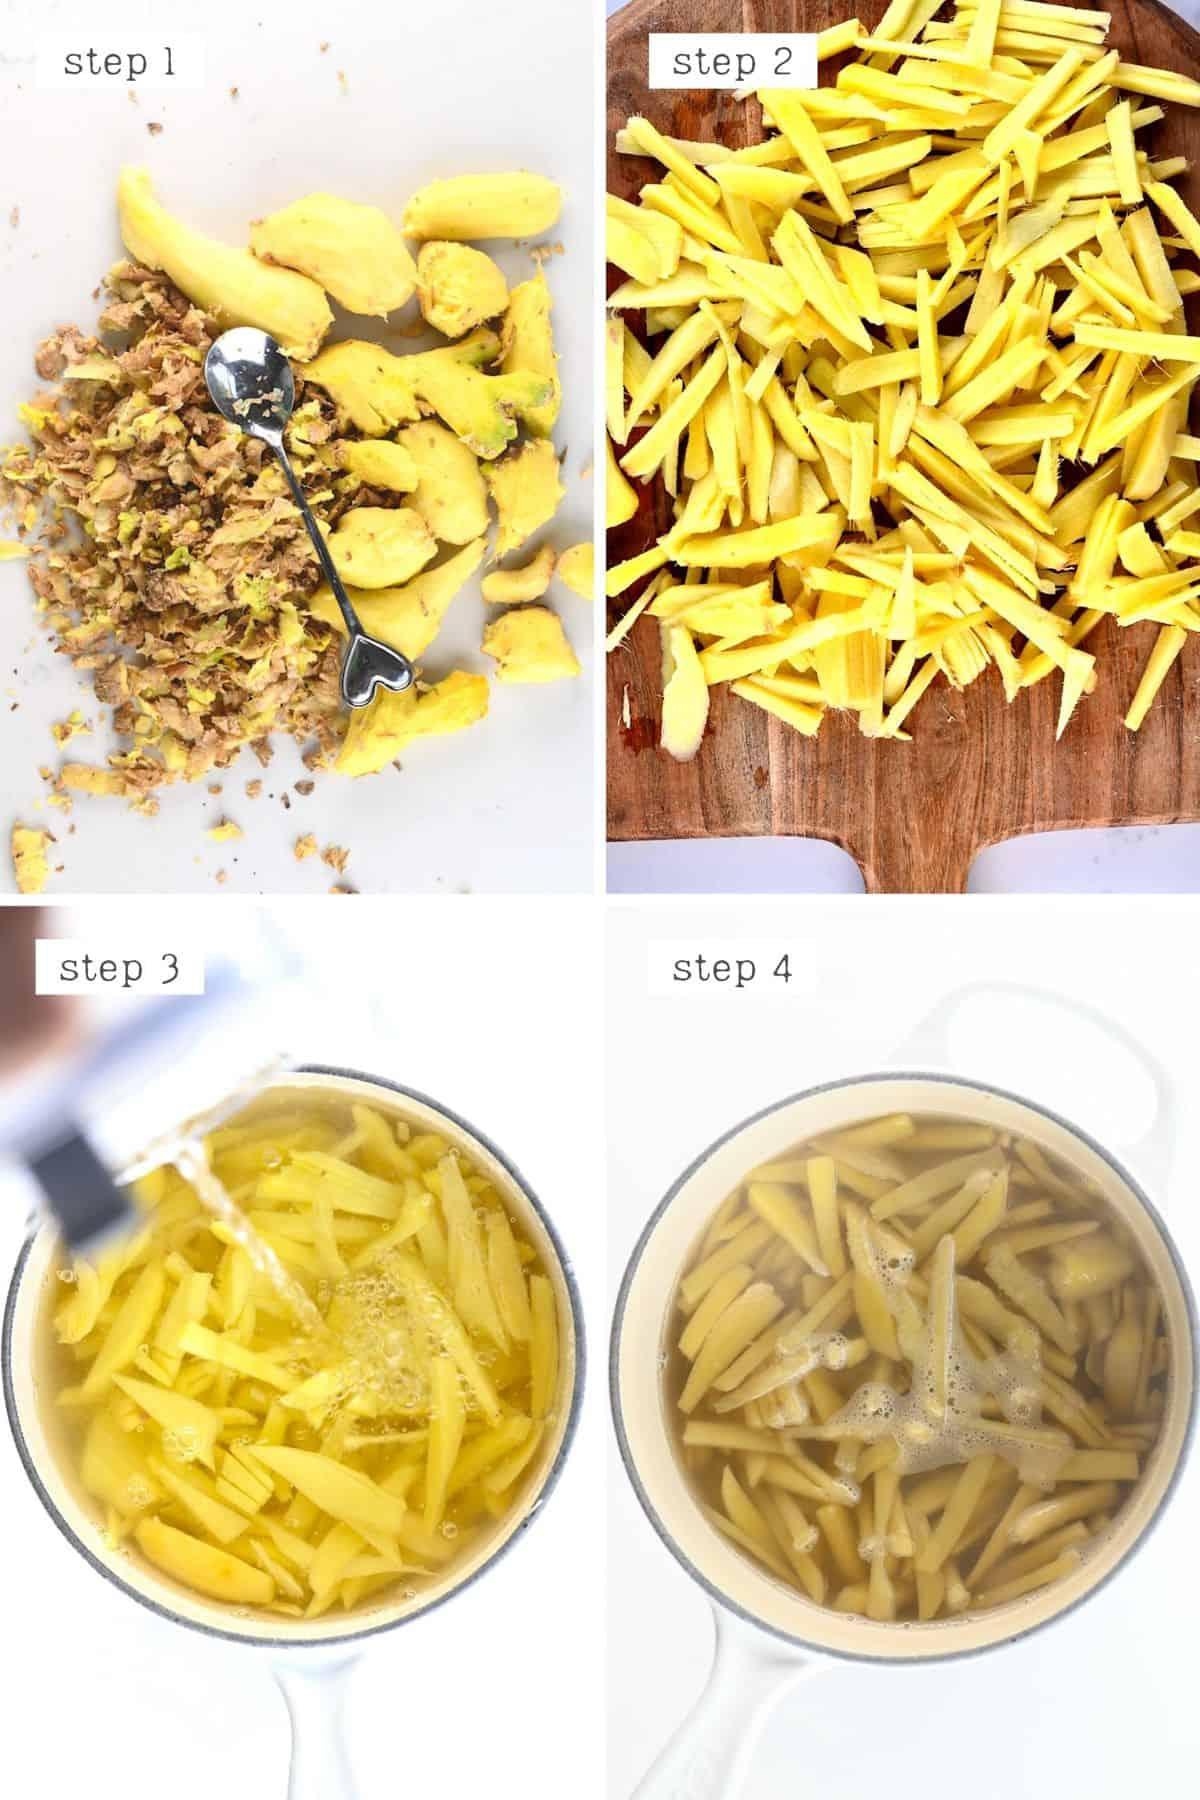 Steps for preparing ginger